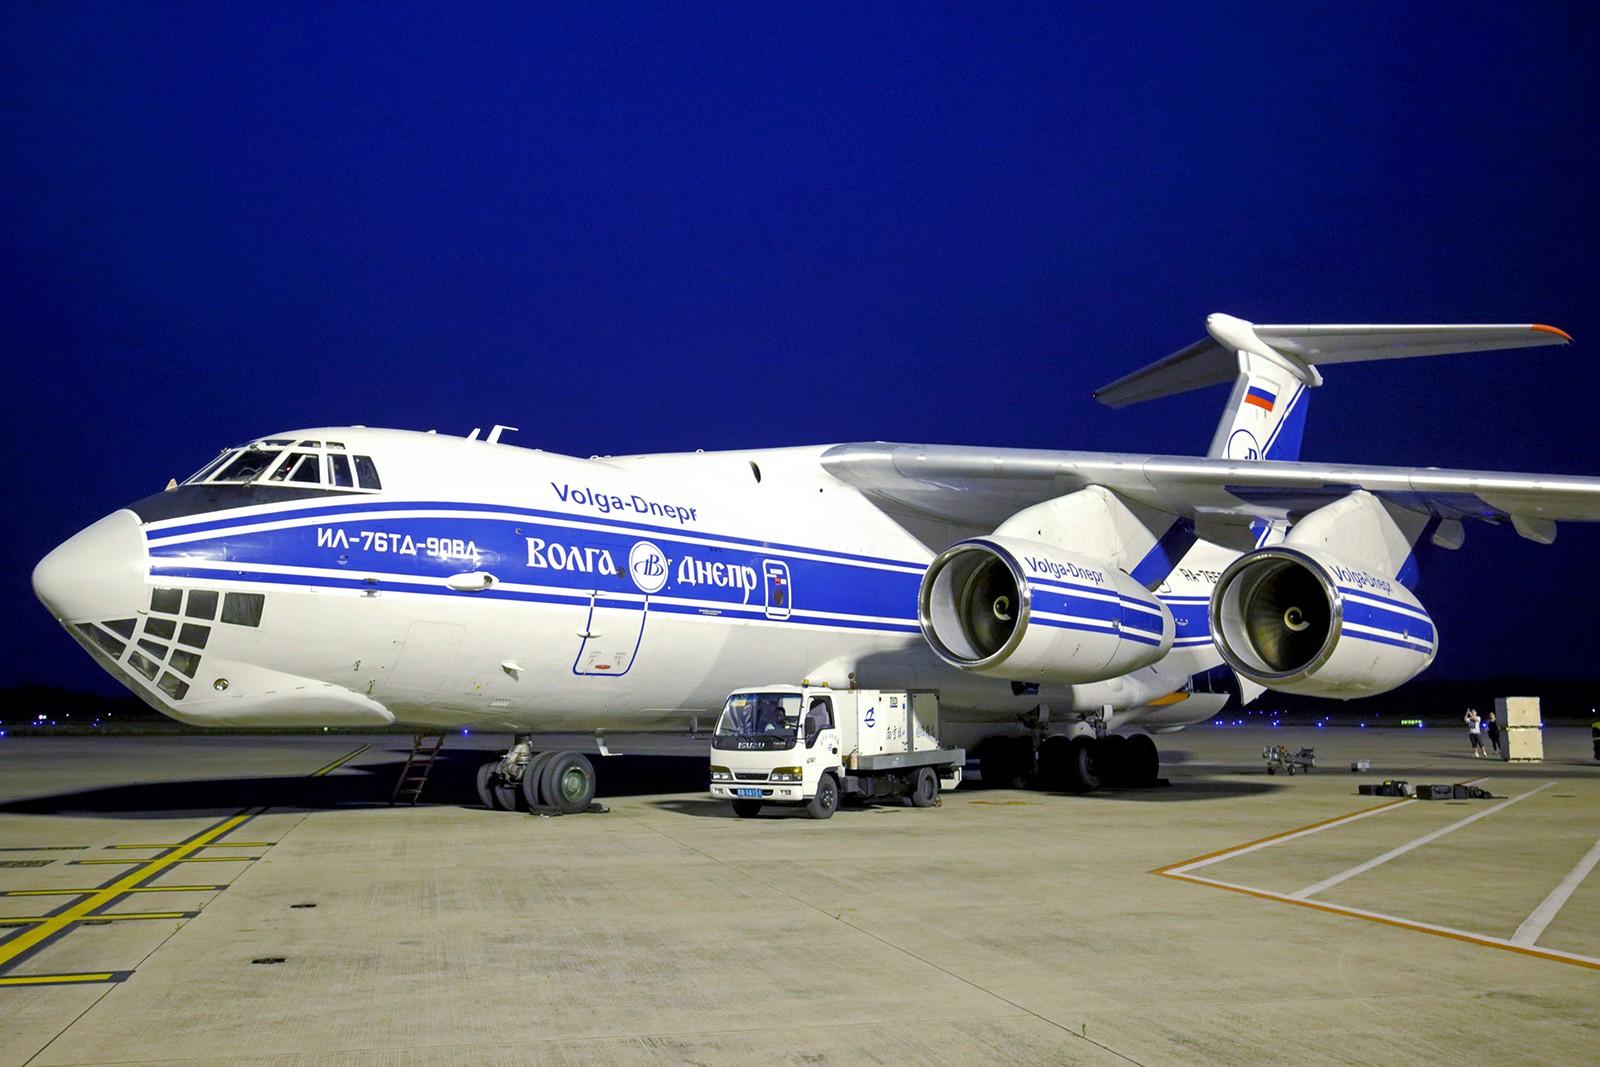 [原创]【BLDDQ】******空哥要求的IL76-TD-90VD套图,高清的没有,不容易见到的有点****** ILYUSHIN IL-76-TD-90VD RA-96503 中国南京禄口国际机场